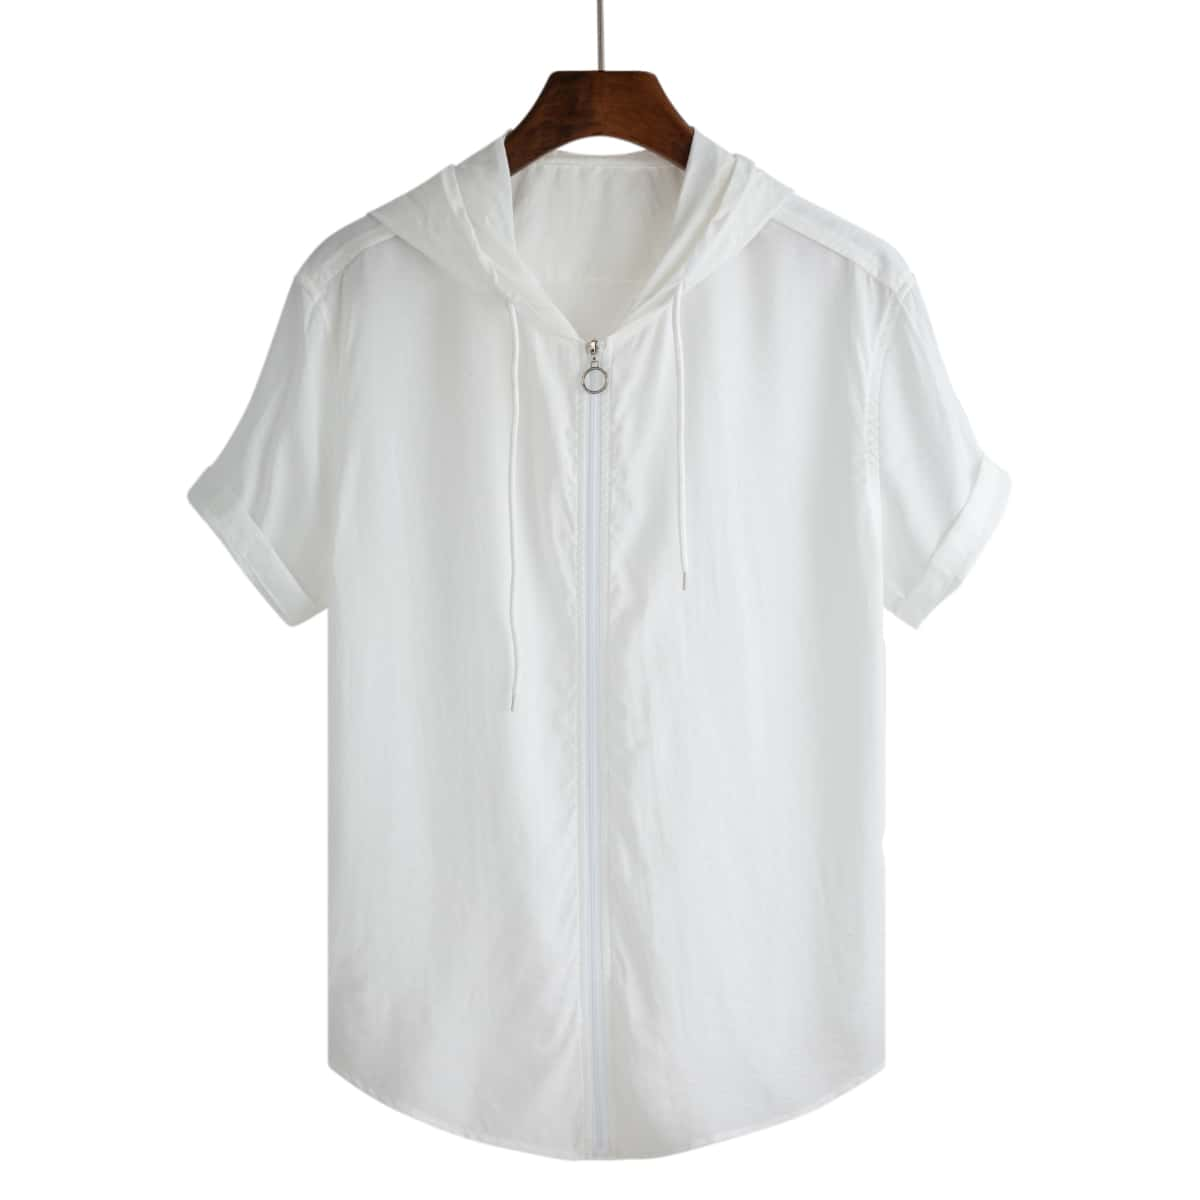 Мужская рубашка на молнии с капюшоном